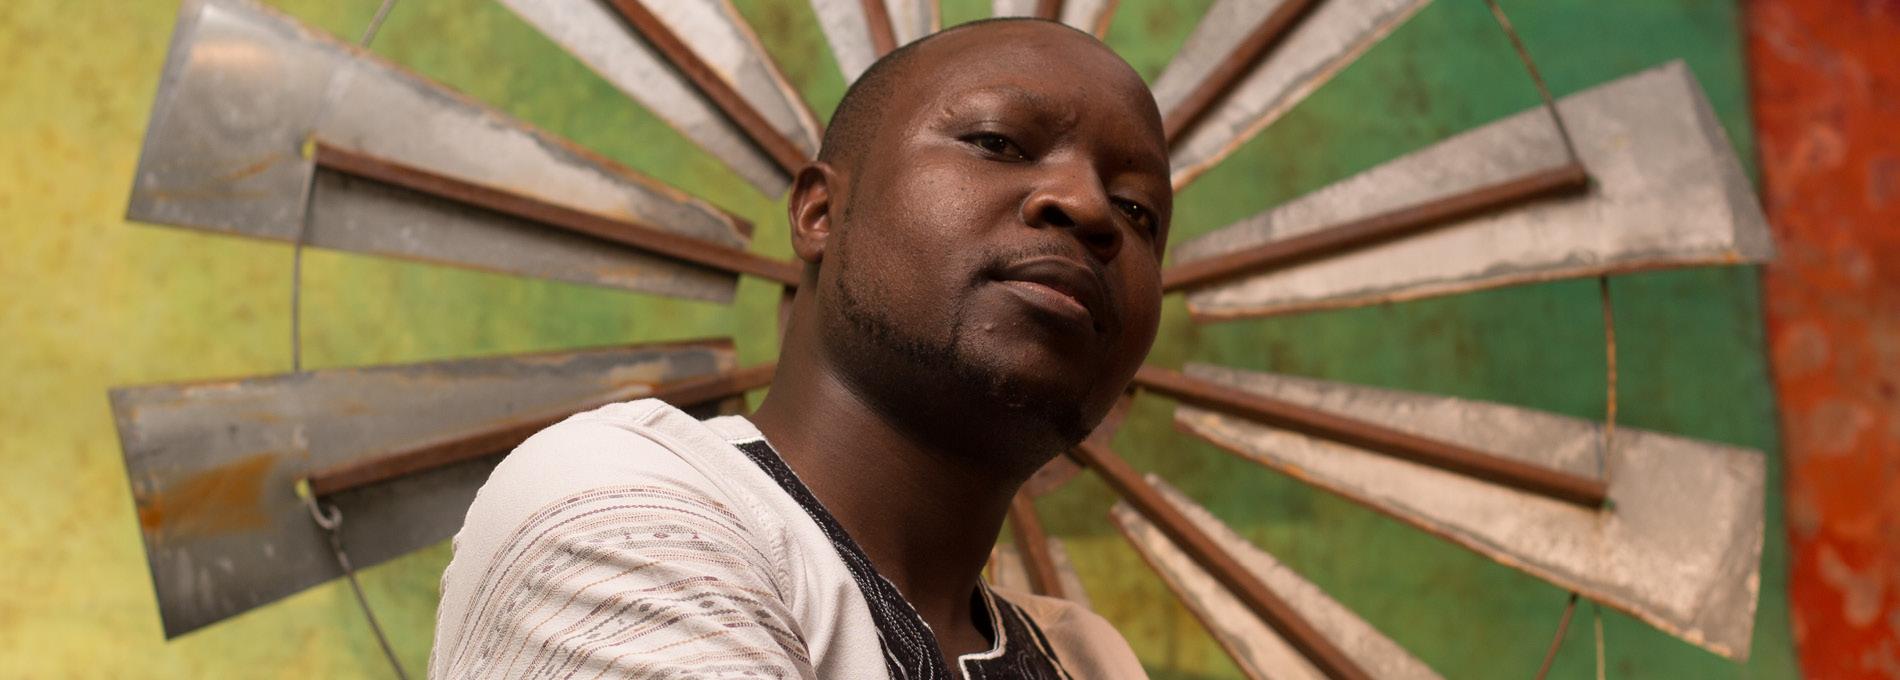 William Kamkwamba, o menino que descobriu o vento